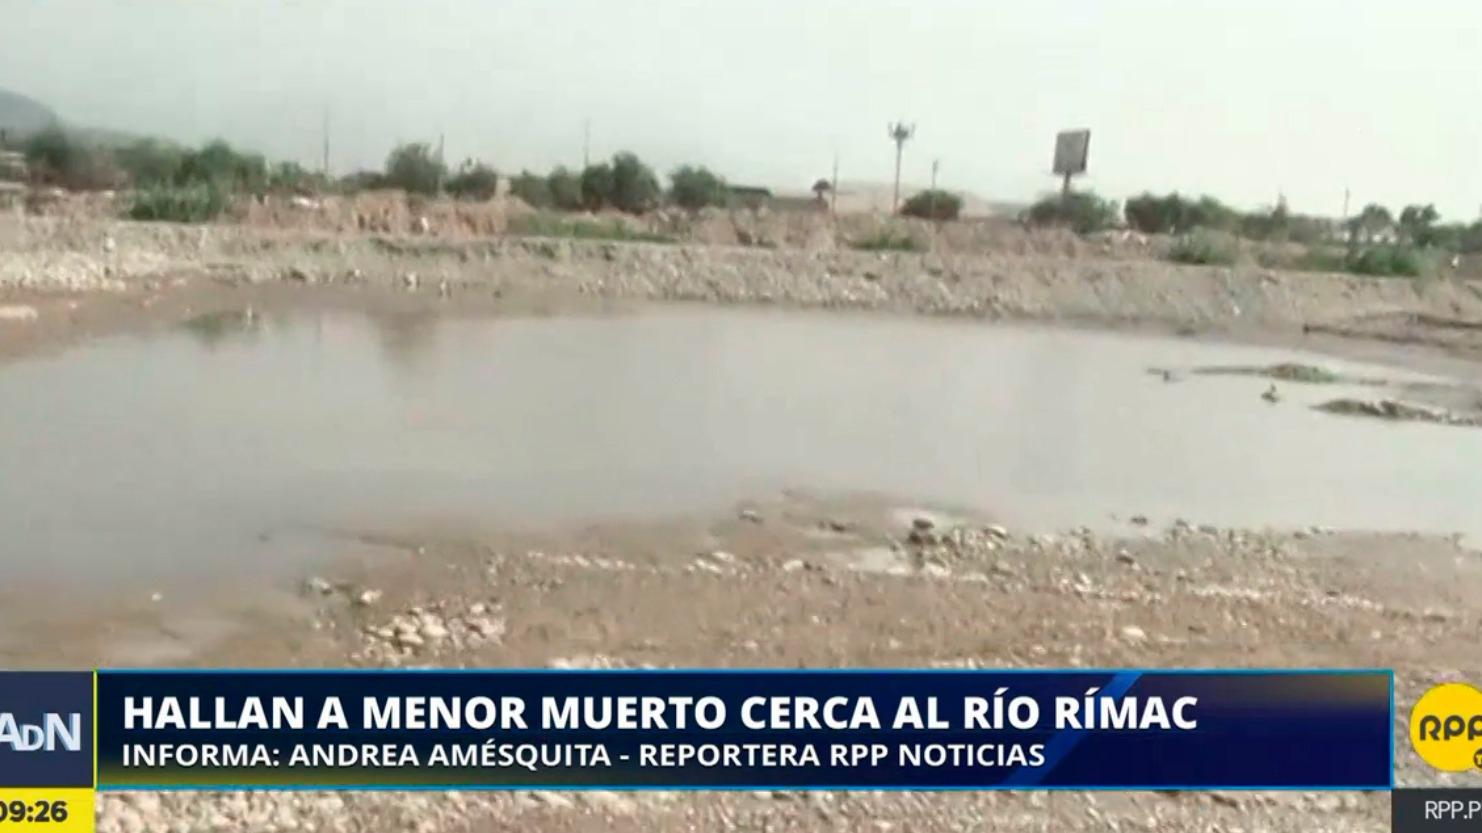 El menor fue encontrado en una laguna cerca al río Rímac en Ate.